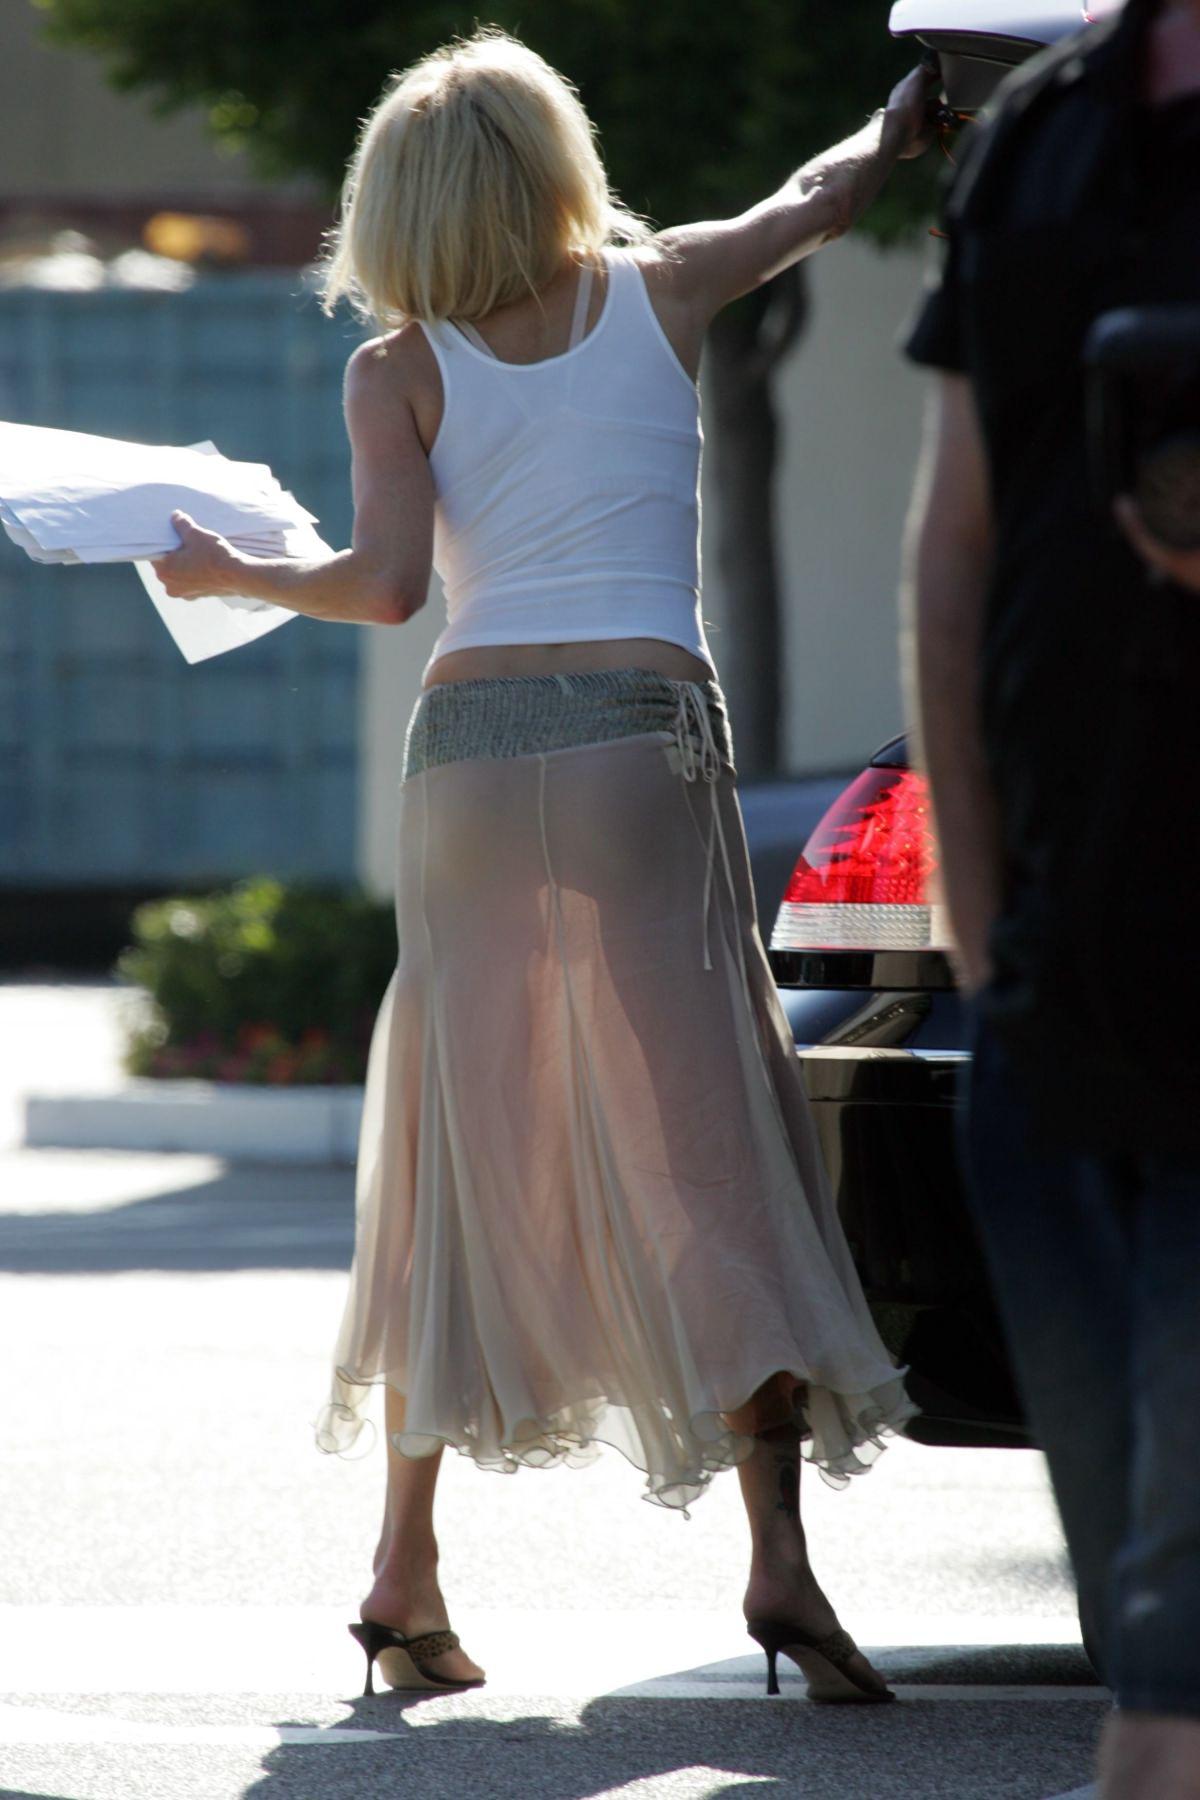 Прозрачные юбки на улице фото 15 фотография